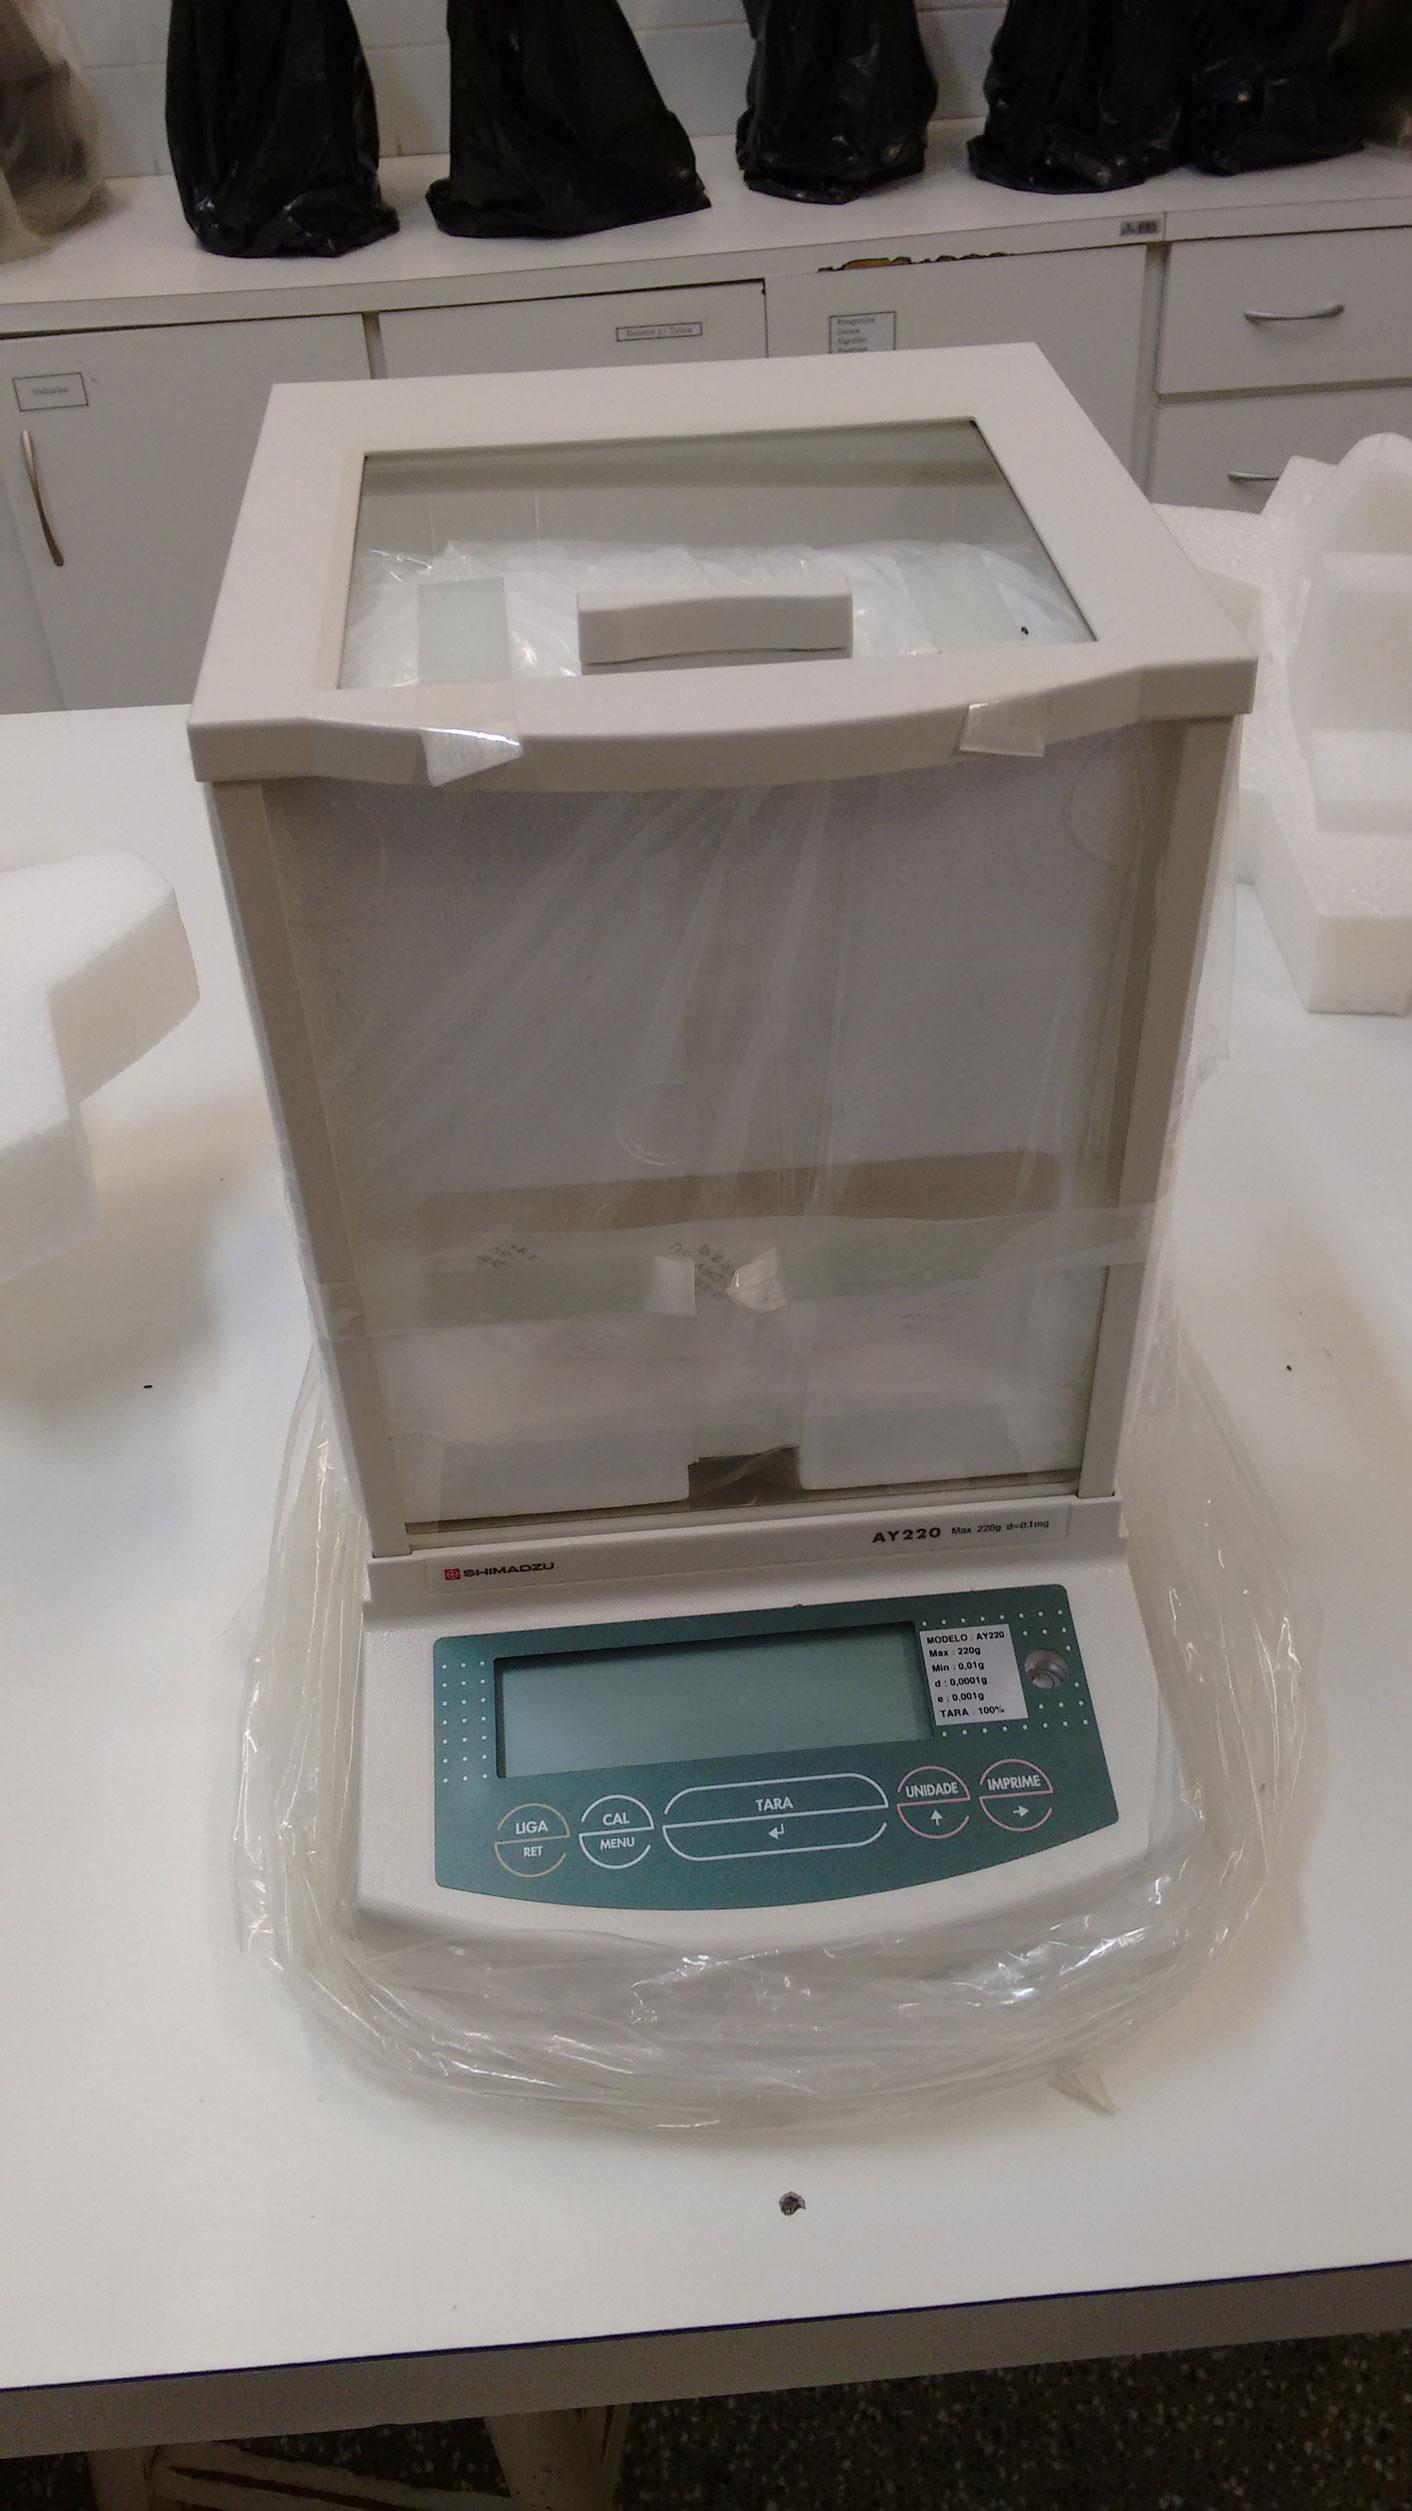 Balança Analítica Eletrônica Cap. 220 Gramas Sens. 0,1mg, Diametro Da Plat.8cm Shi-Ay-220